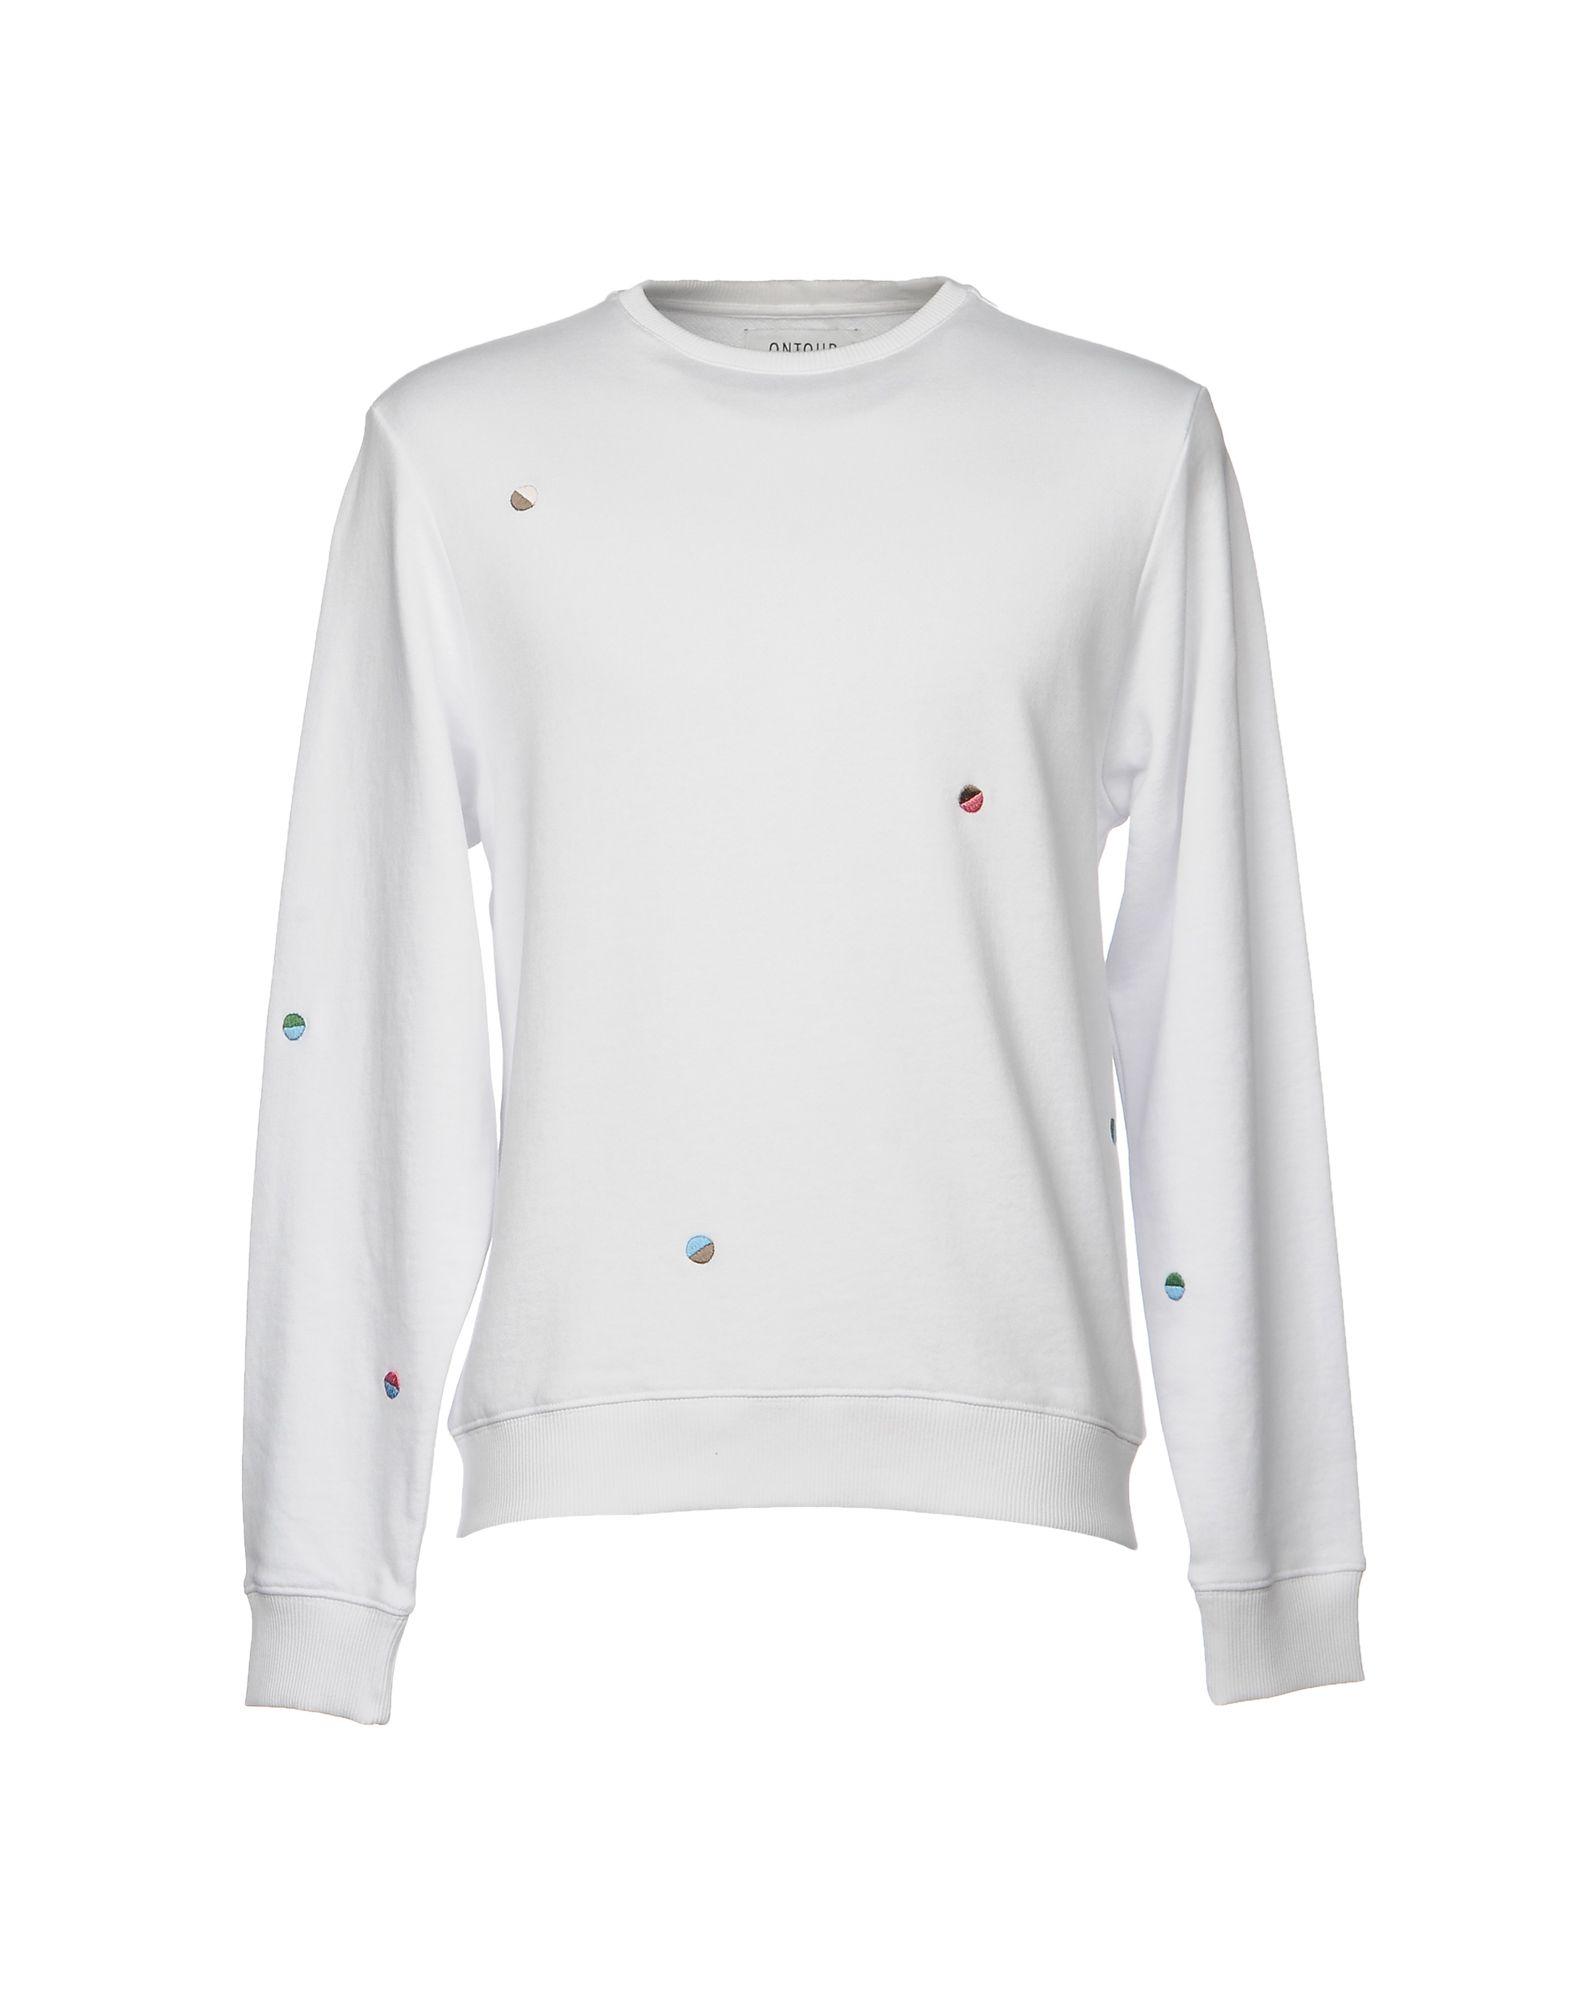 《送料無料》ONTOUR メンズ スウェットシャツ ホワイト S コットン 100%